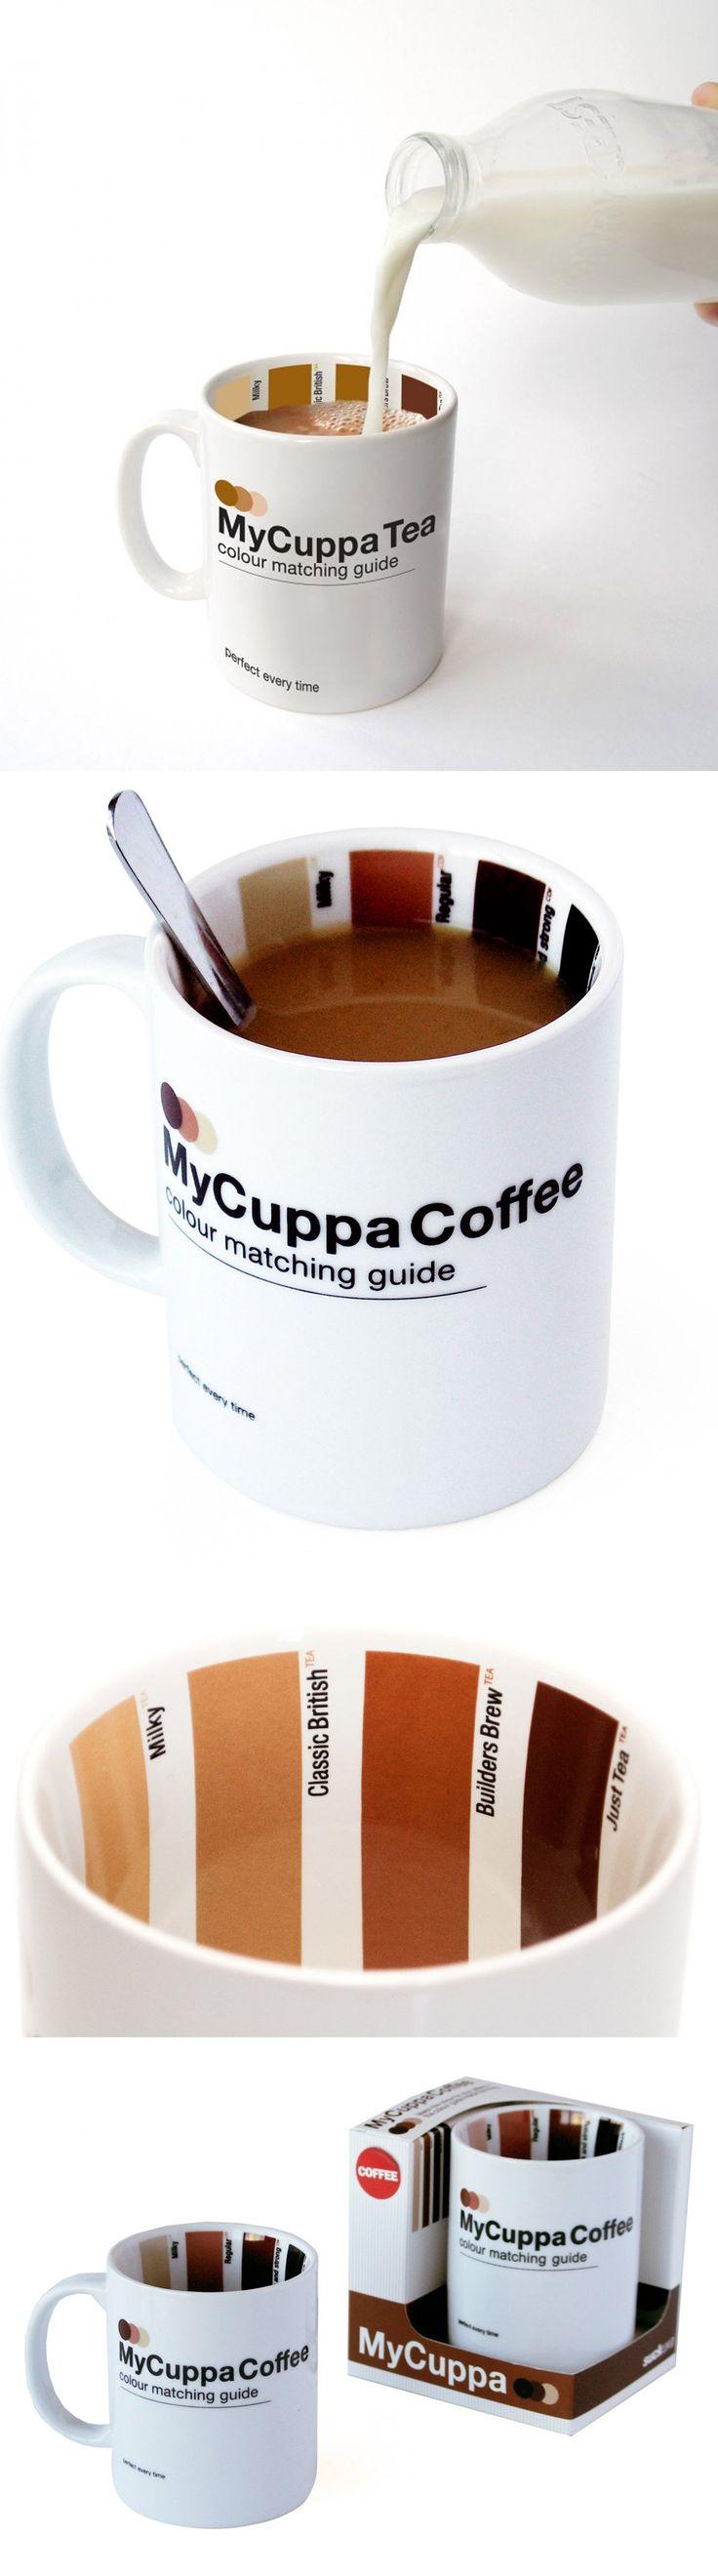 A SuckUk criou a MyCuppa, uma xícara com uma tabela de pantone que te permite ver se o café está do jeito que você gosta. Há também a opção para chás, para aqueles que gostam de bebê-los com leite, como os ingleses.